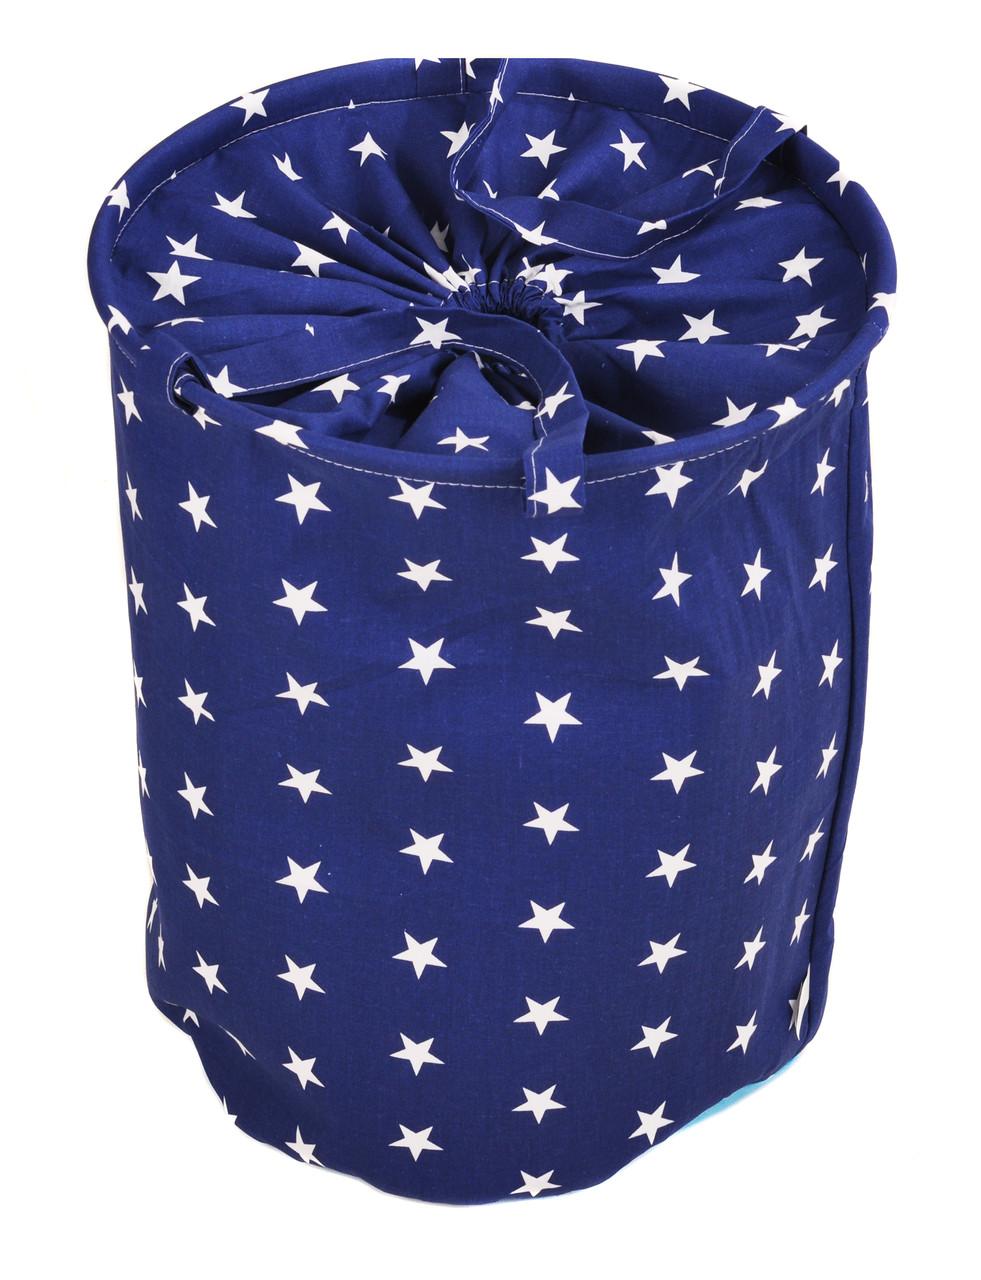 Мішок для зберігання іграшок, 35*40 см, (бавовна), Зірки на синьому